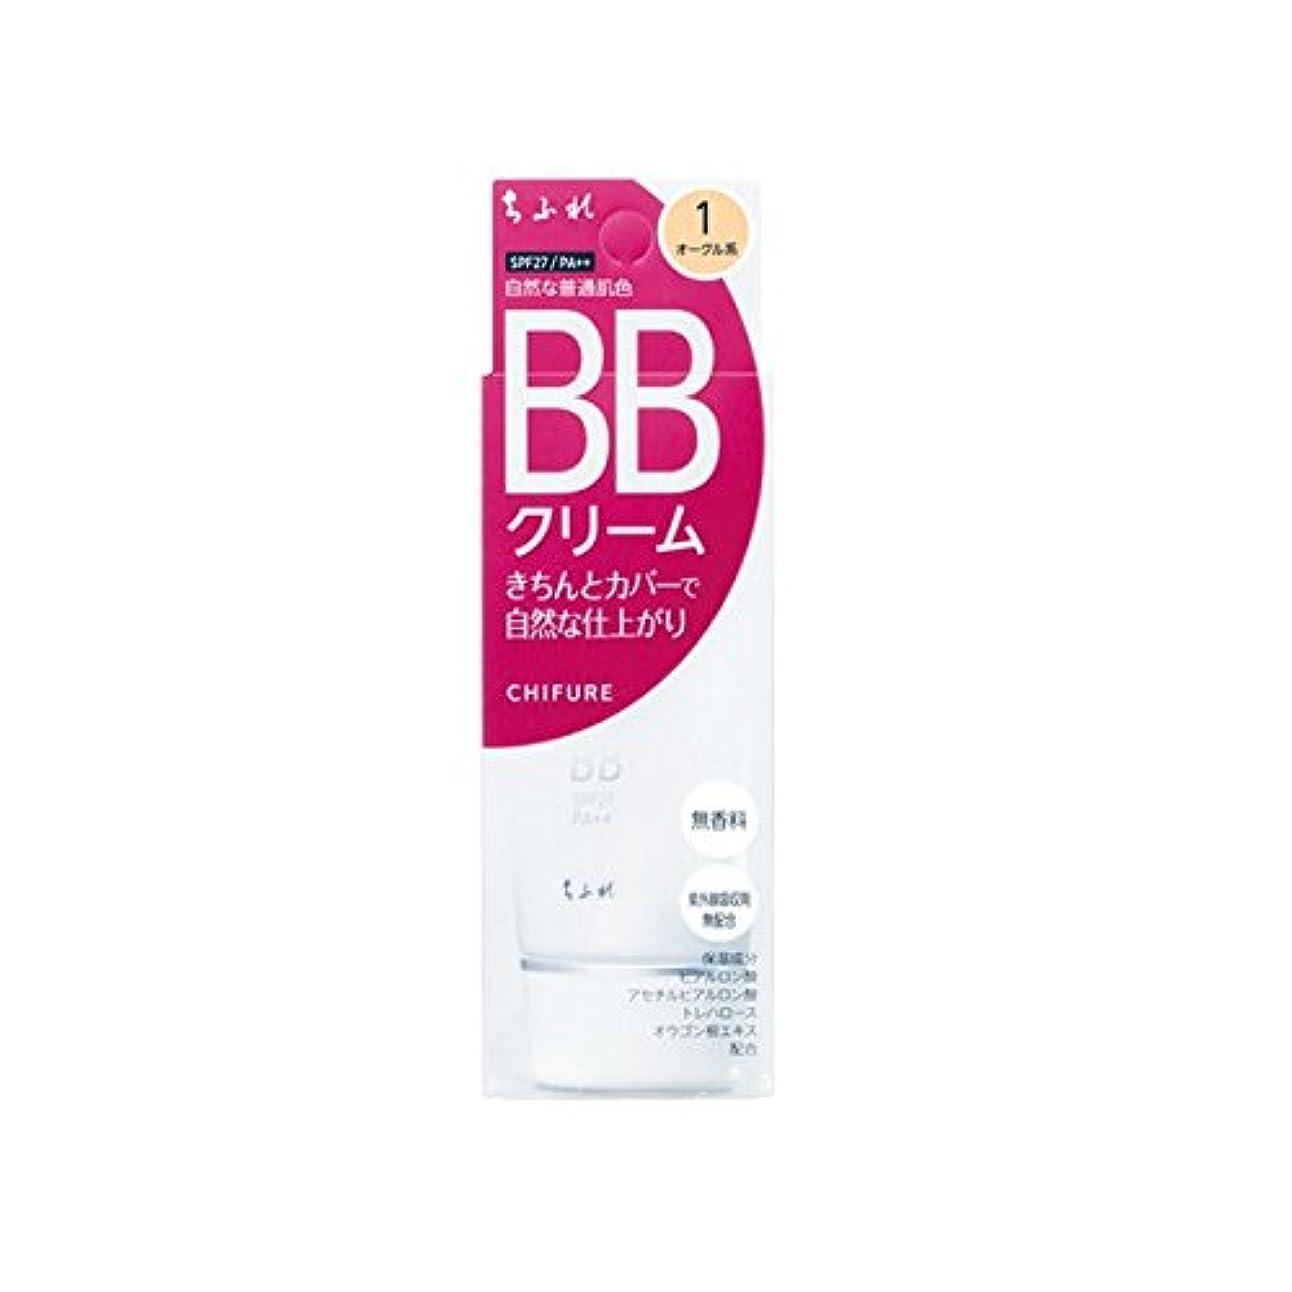 ゴールドまさに解凍する、雪解け、霜解けちふれ化粧品 BB クリーム 1 自然な普通肌色 BBクリーム 1